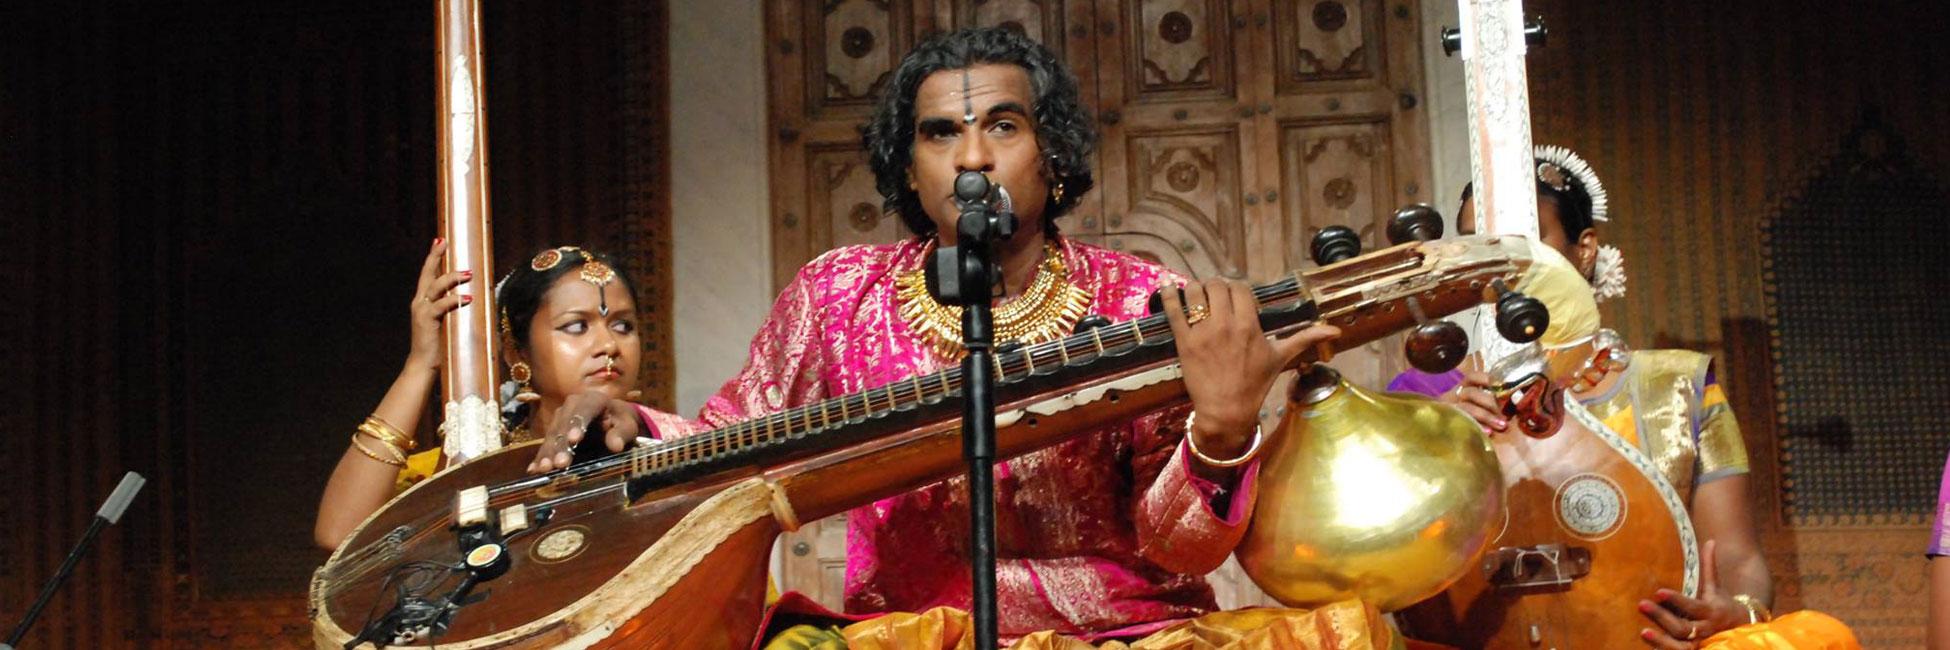 Raghunath Manet - Musique/Danse traditionnelles de l'Inde du Sud